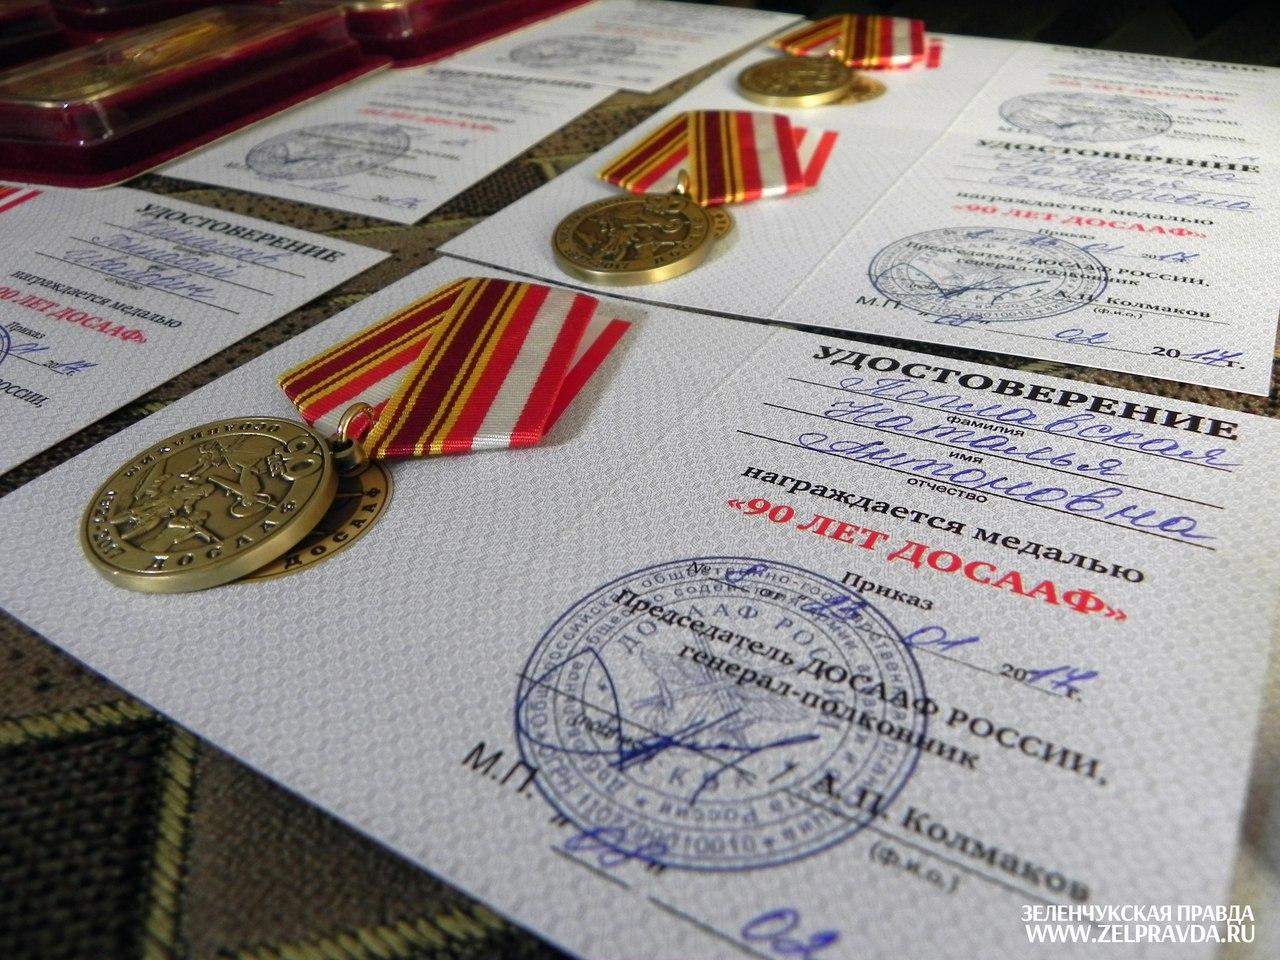 В станице Зеленчукской состоялось вручение памятных медалей «90 лет ДОСААФ России»